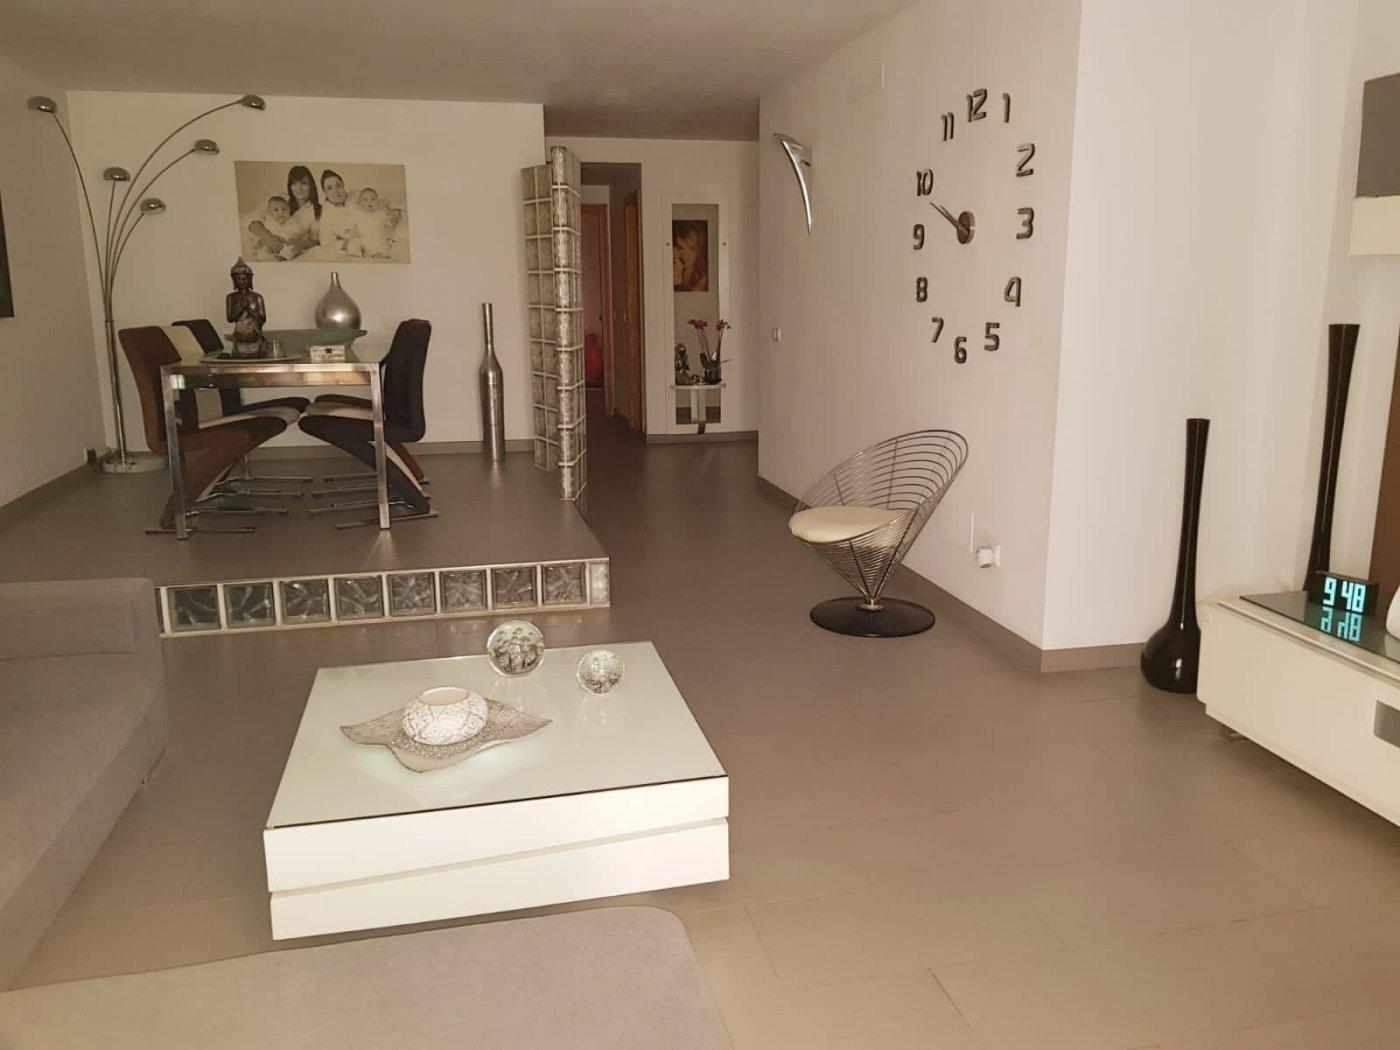 Se vende bonito apartamento semi nuevo con parking en andratx - imagenInmueble1